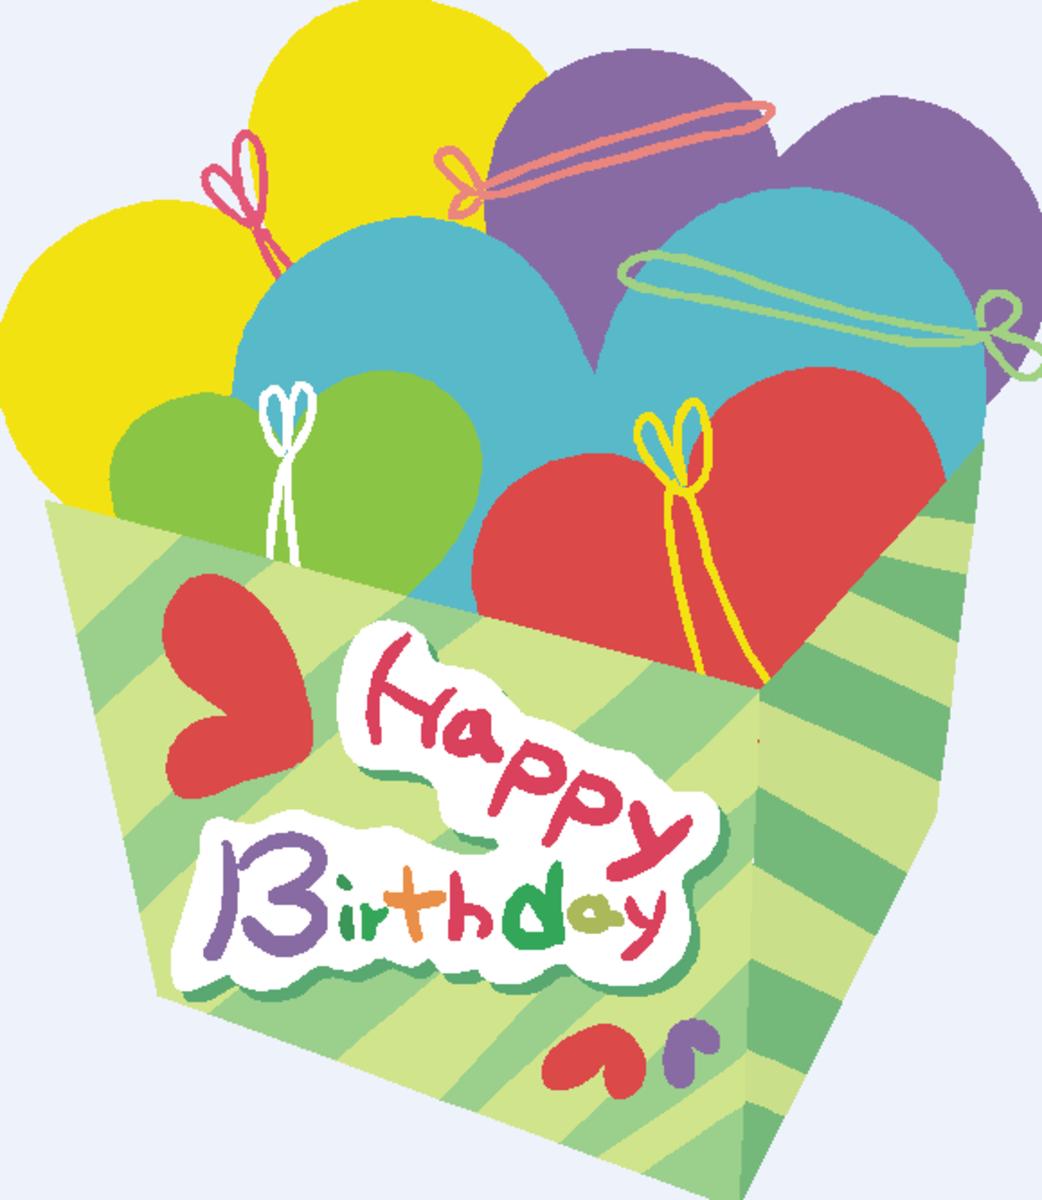 Happy Birthday with Box of Hearts